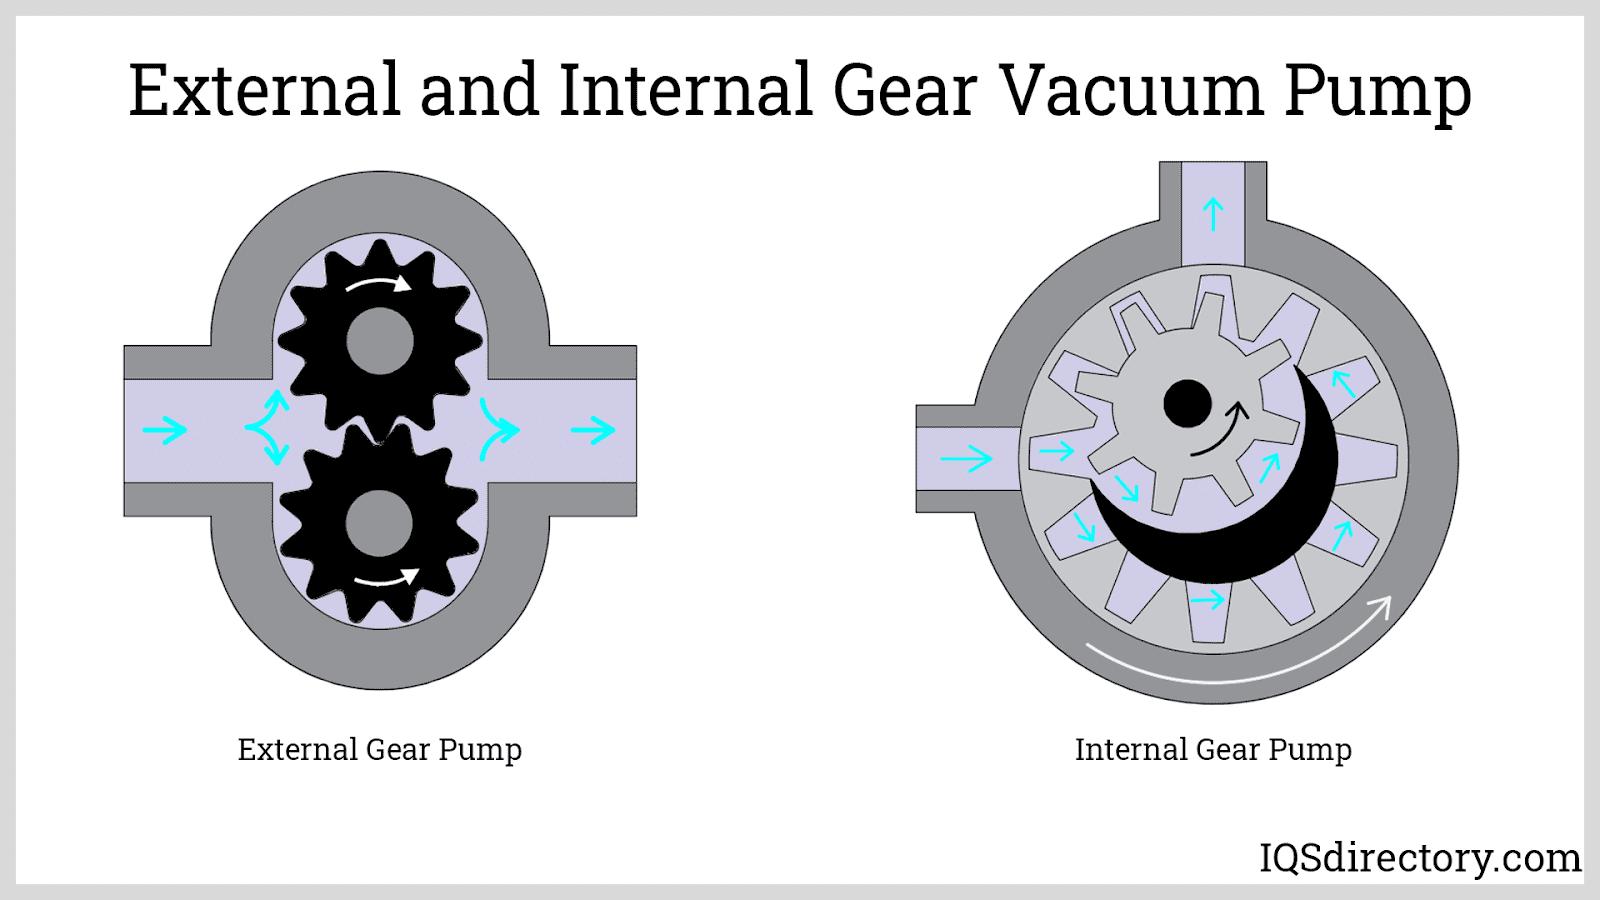 External and Internal Gear Vacuum Pump